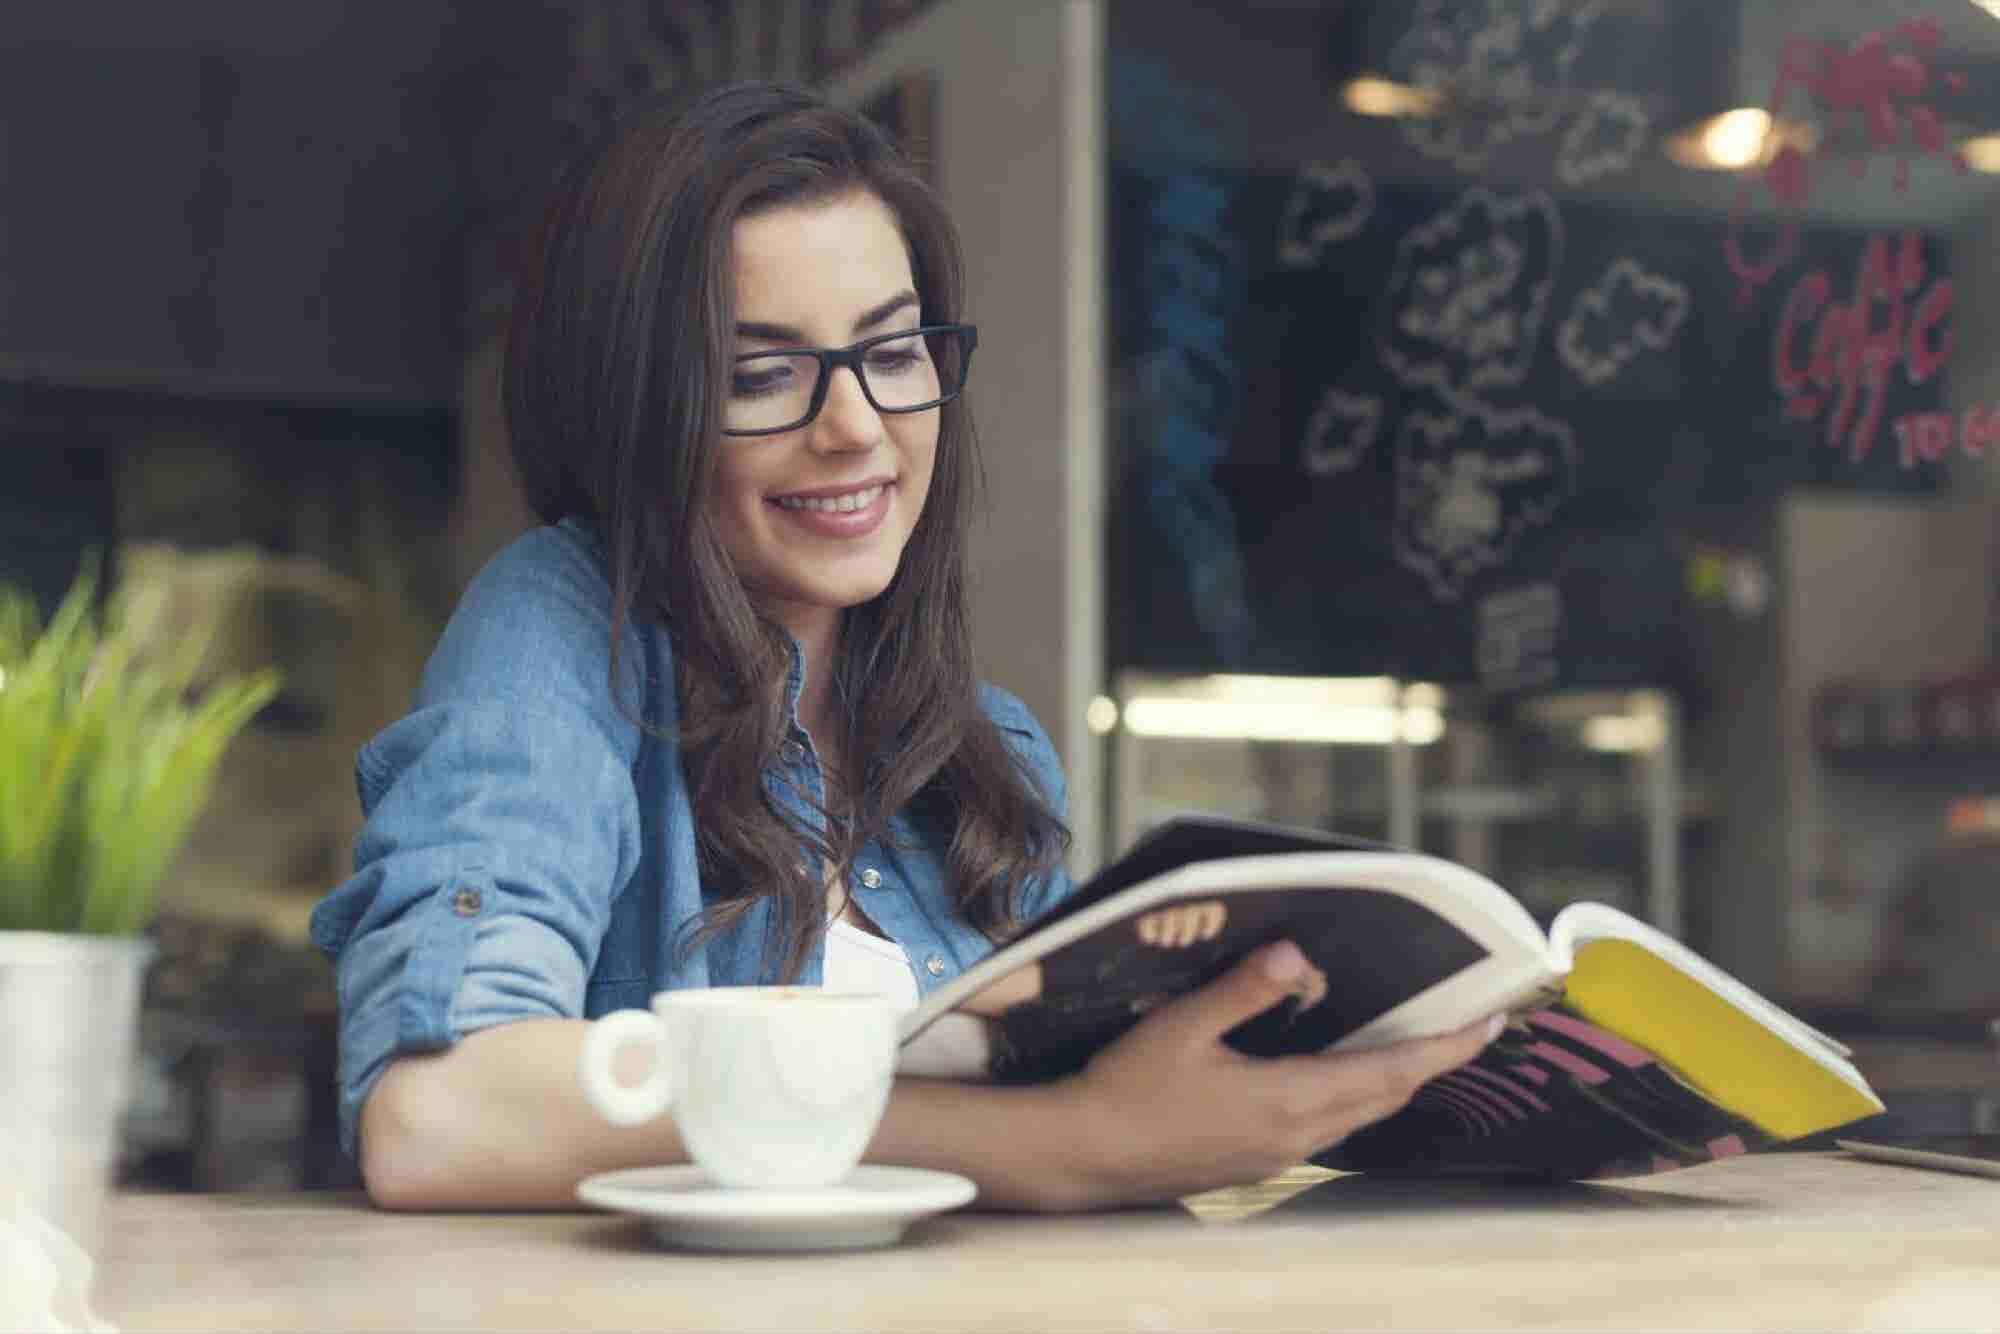 La educación tradicional no es para los emprendedores